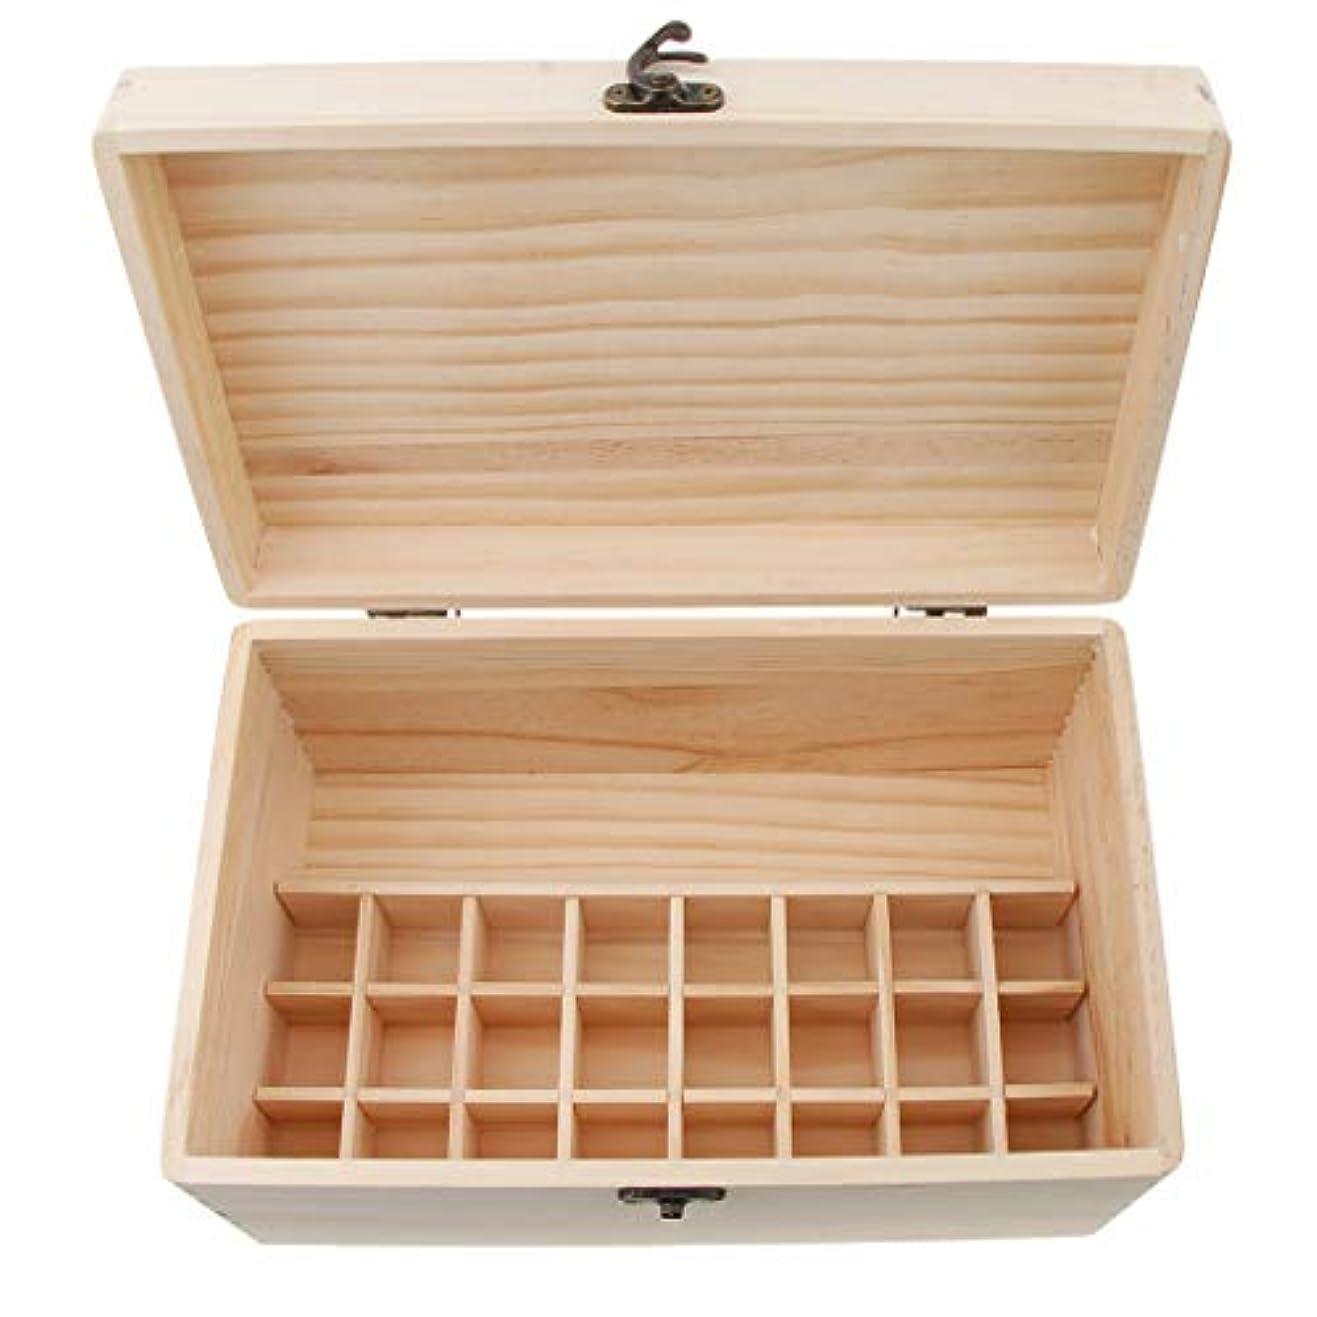 振り子版検閲sharprepublic エッセンシャルオイル 木製収納ボックス ディスプレイ キャリーケース オーガナイザーホールド 32本